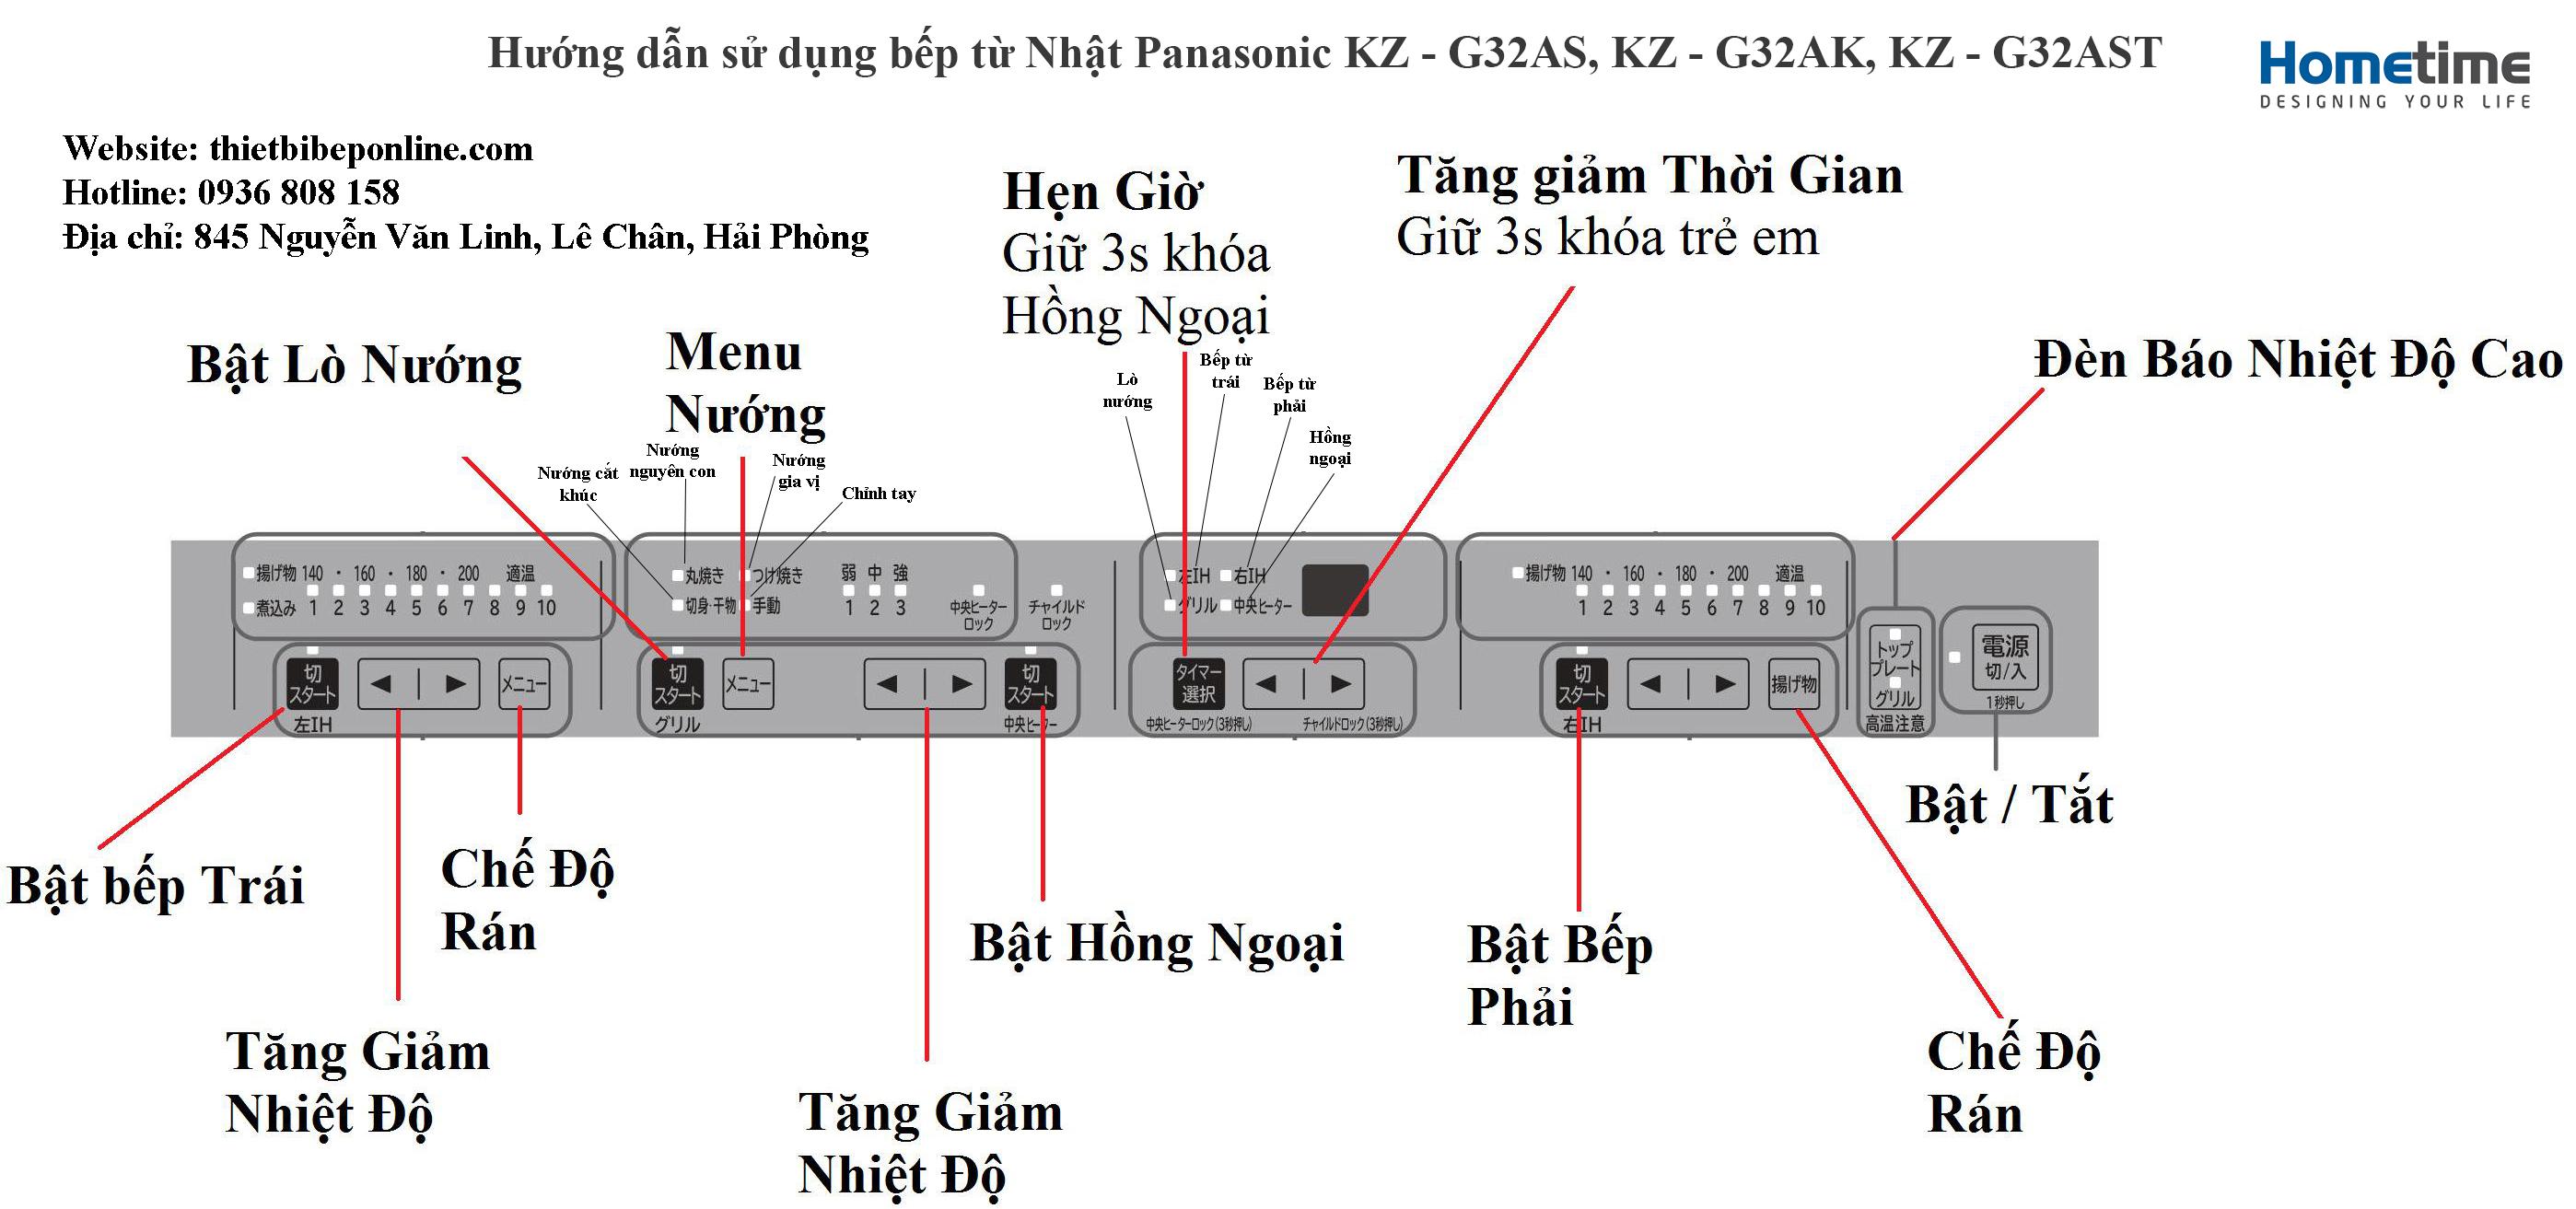 Hướng dẫn sử dụng bếp từ Nhật Panasonic